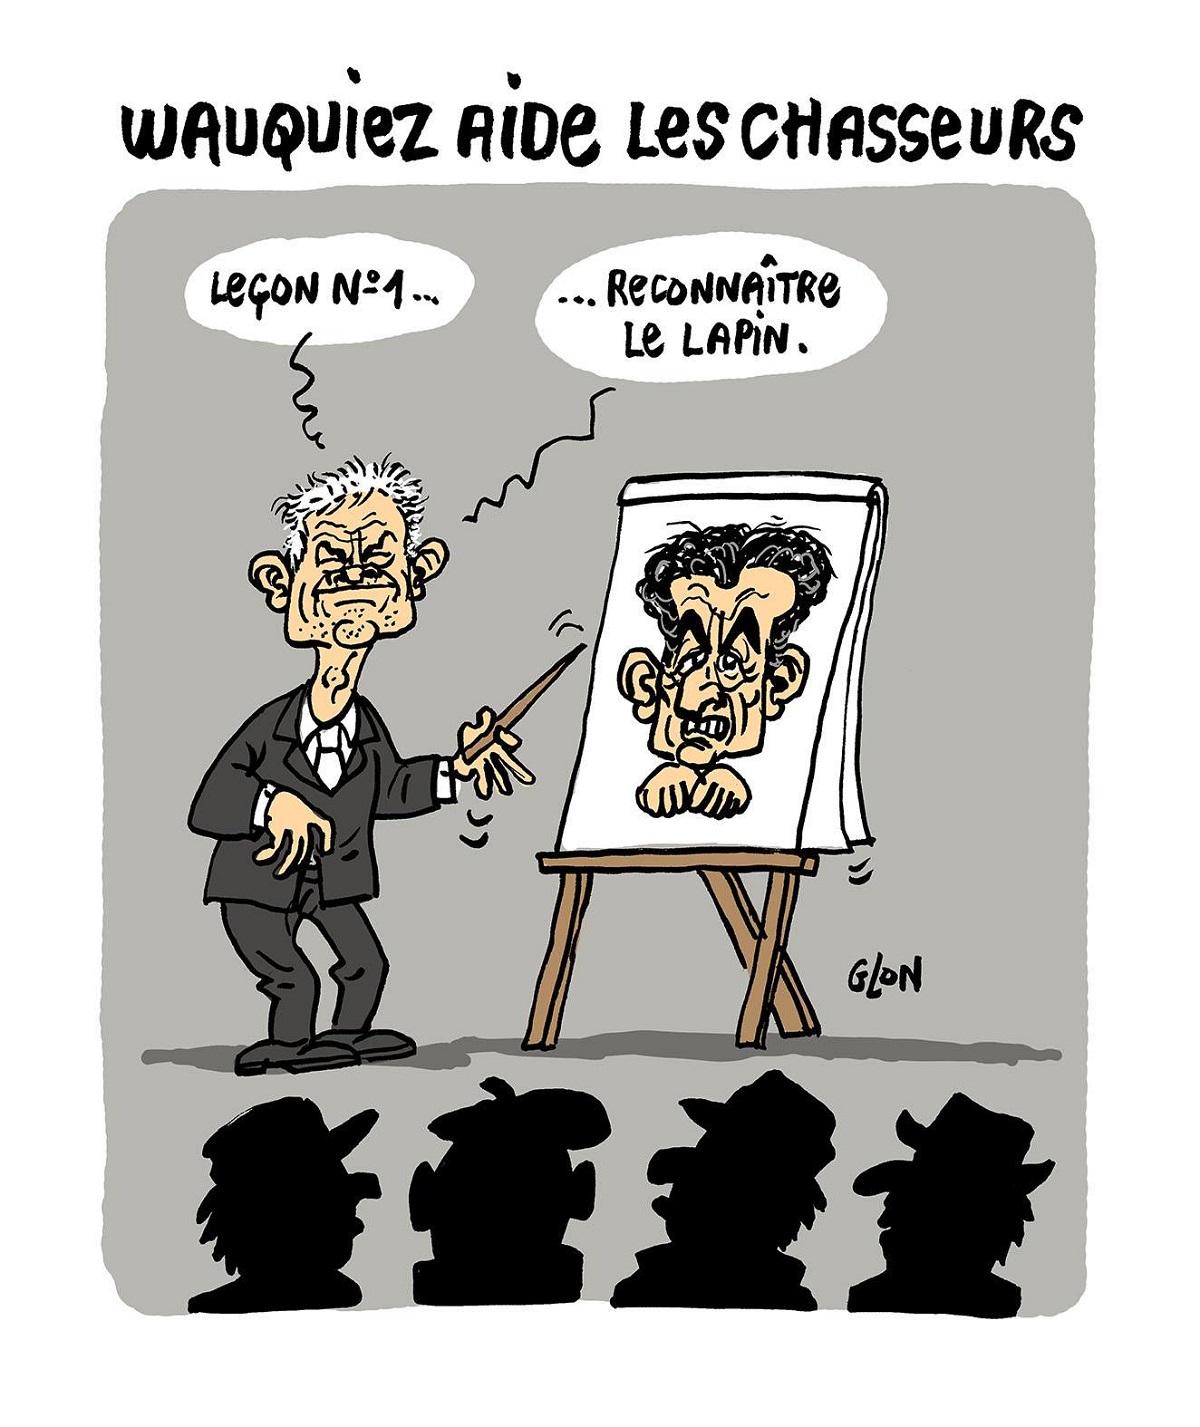 dessin d'actualité drôle sur Laurent Wauquiez et Nicolas Sarkozy